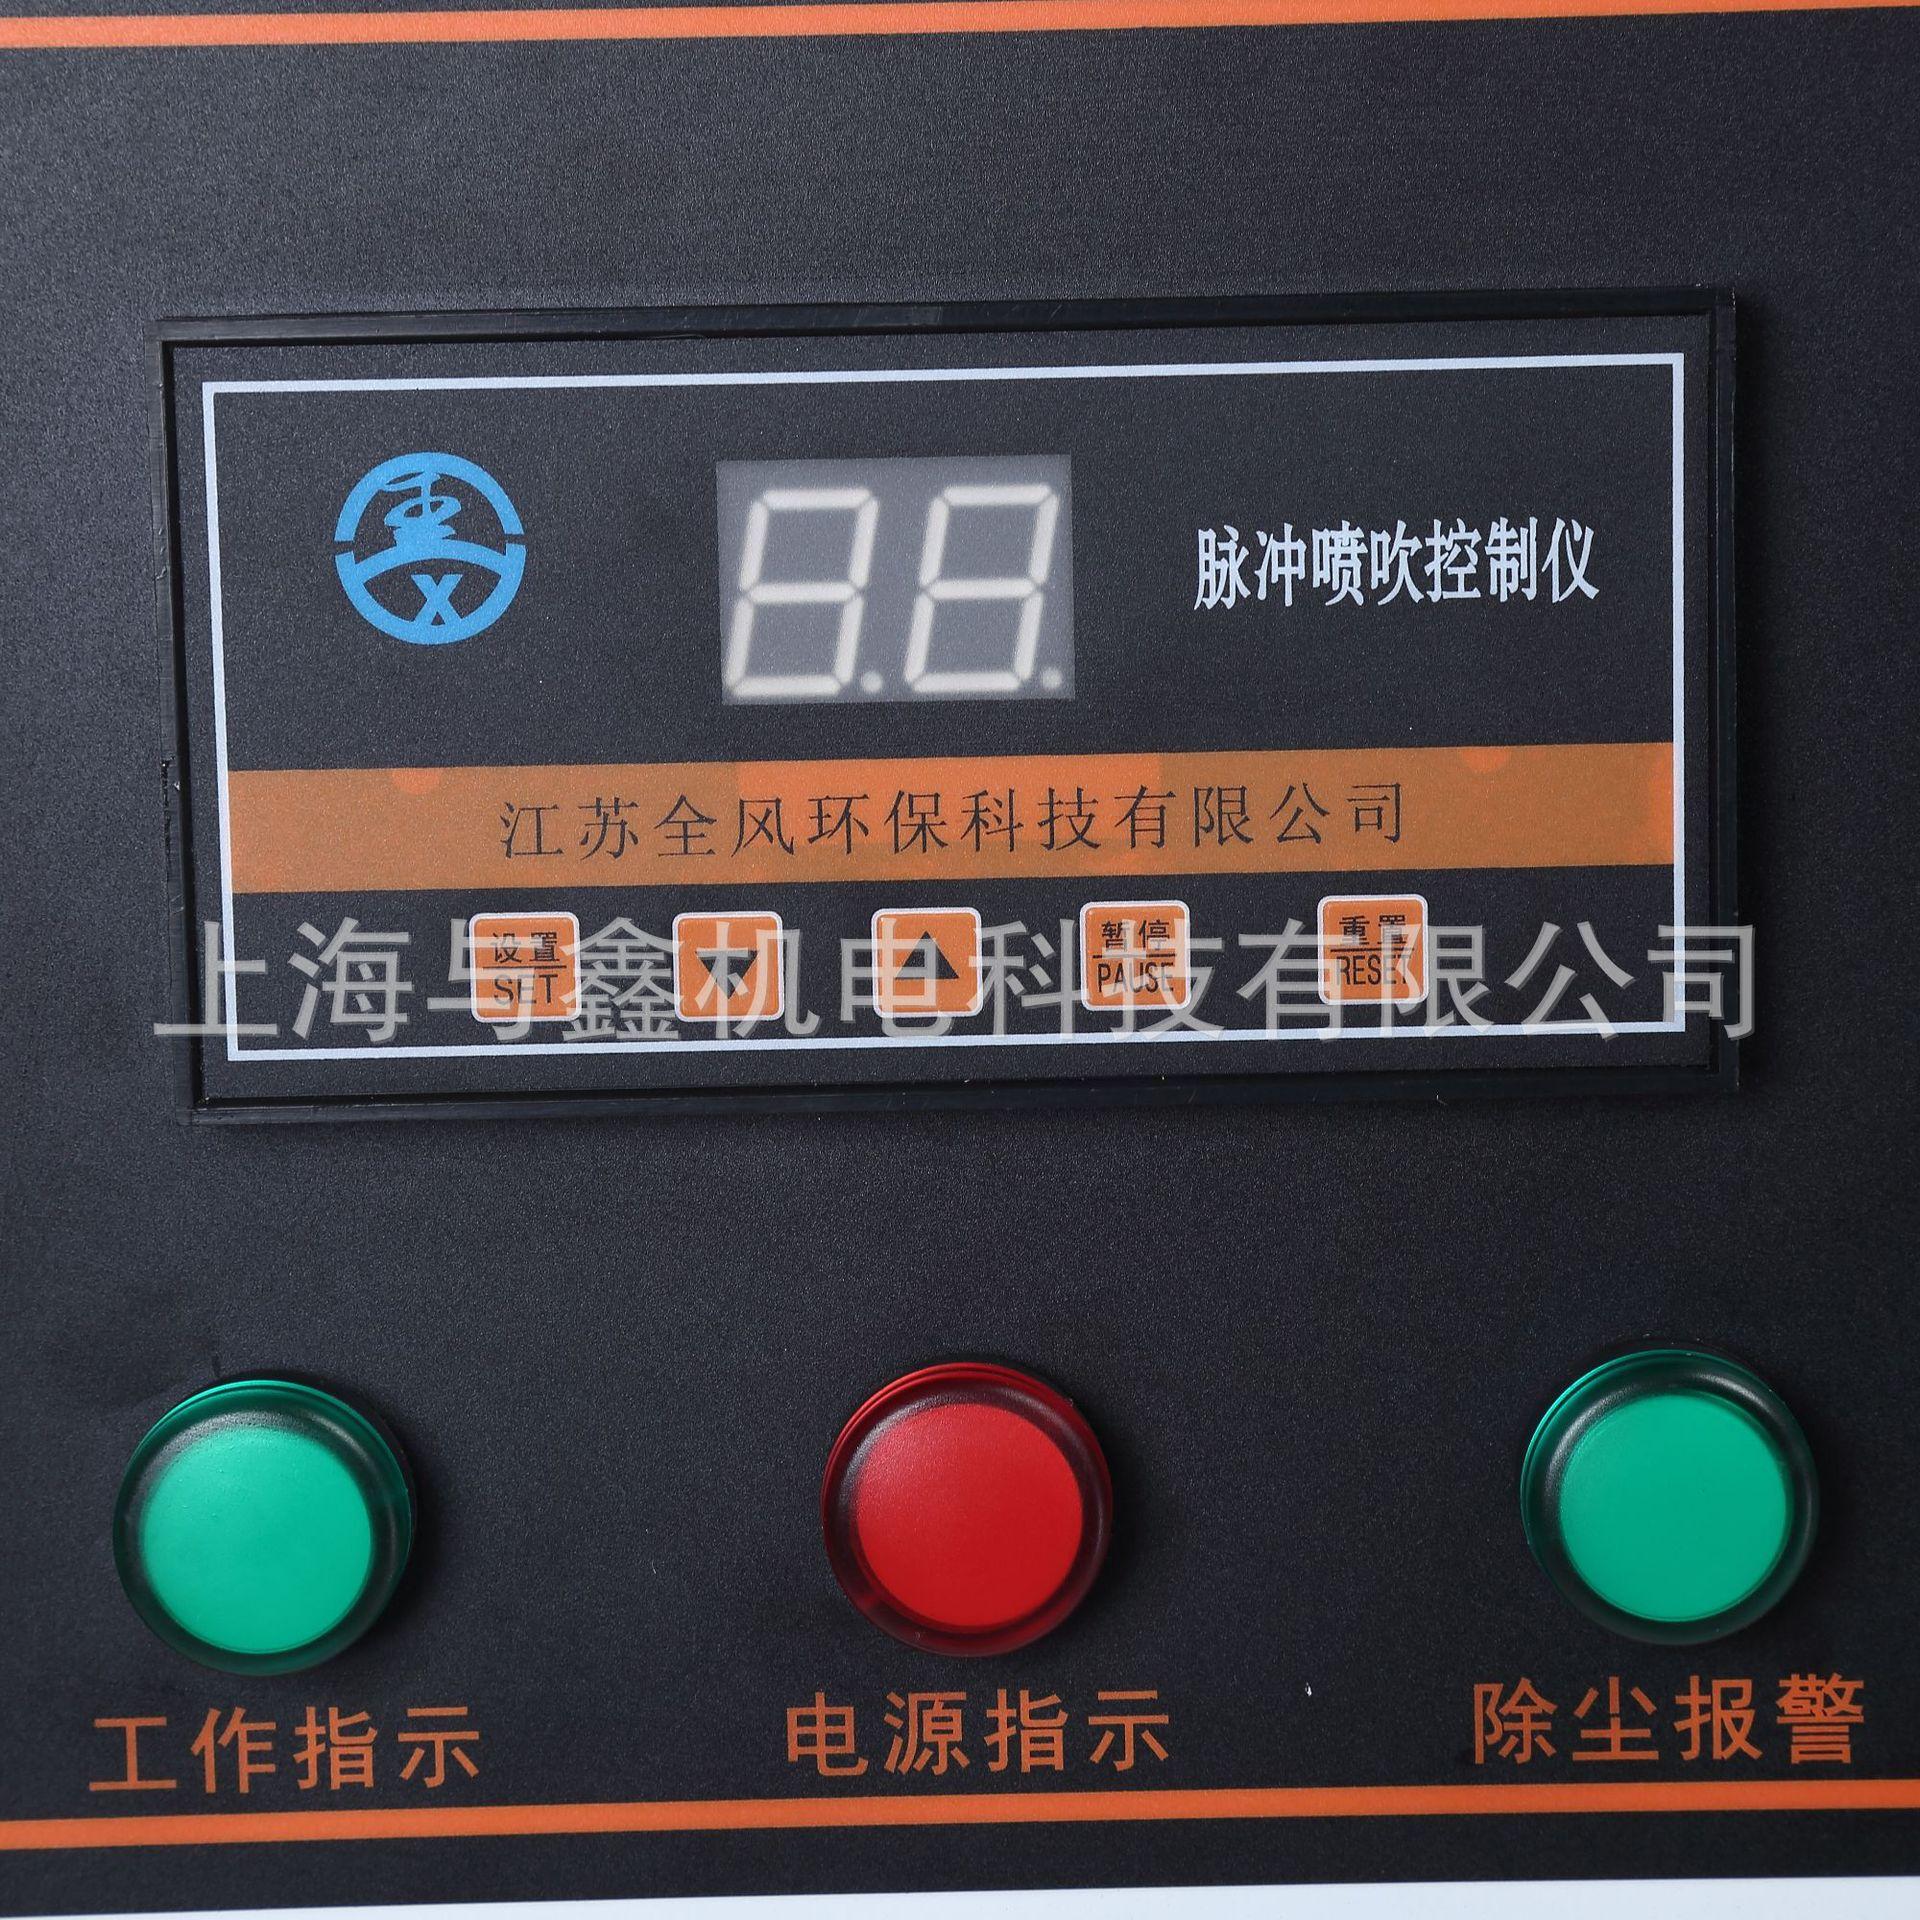 厂家磨床 磨床吸尘器 粉尘颗粒收集磨床工业吸尘器  大功率吸尘器示例图7